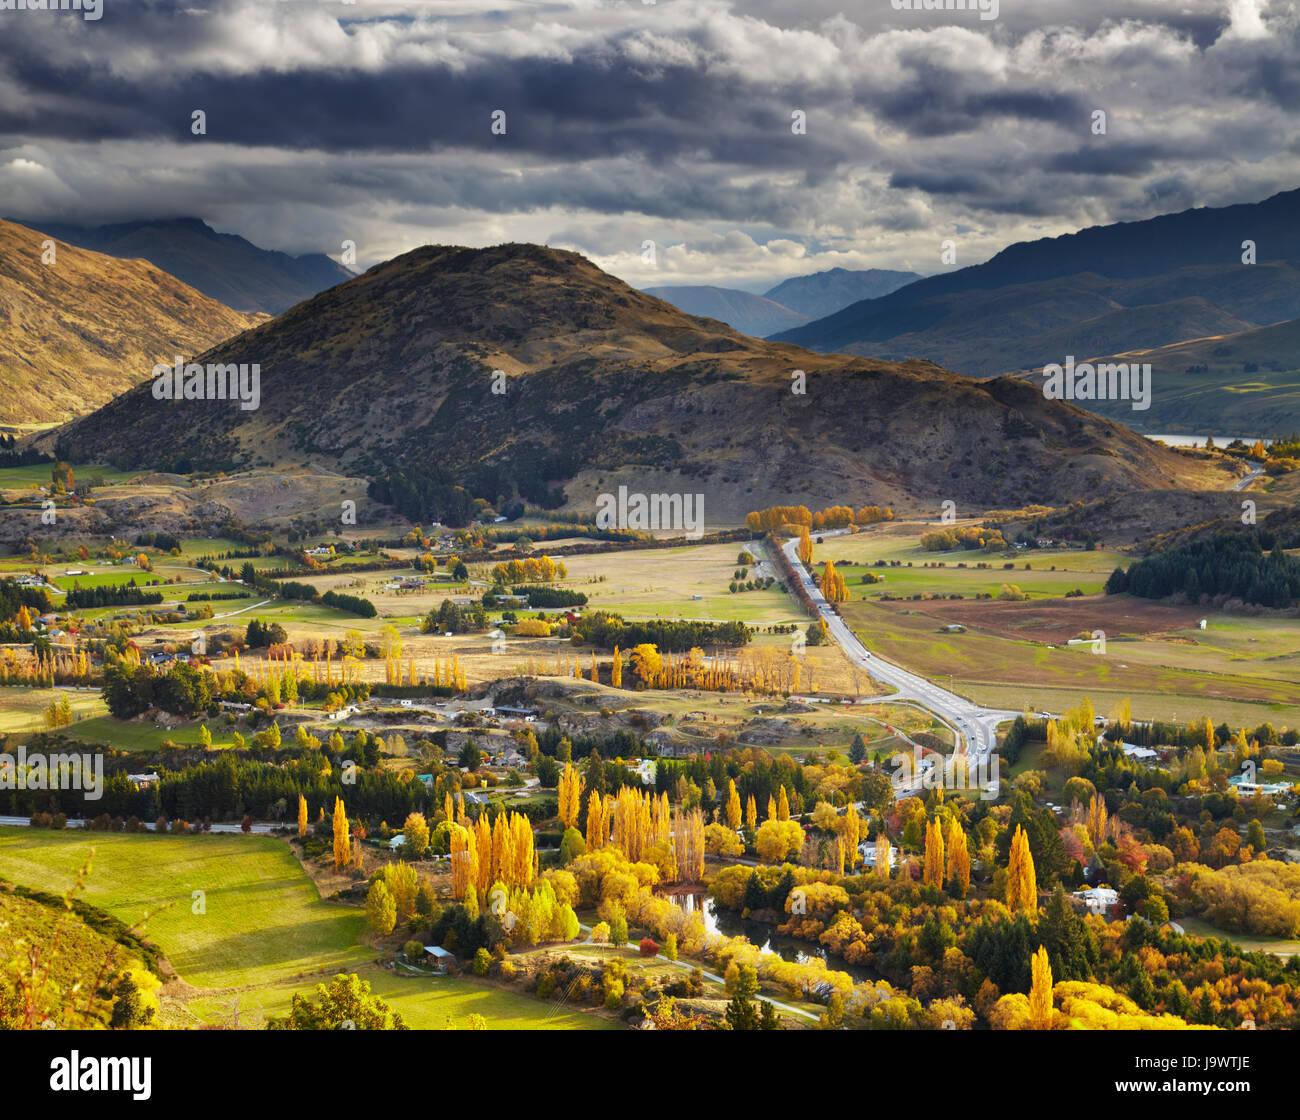 Paesaggio autunnale, vicino a Queenstown, Nuova Zelanda Immagini Stock